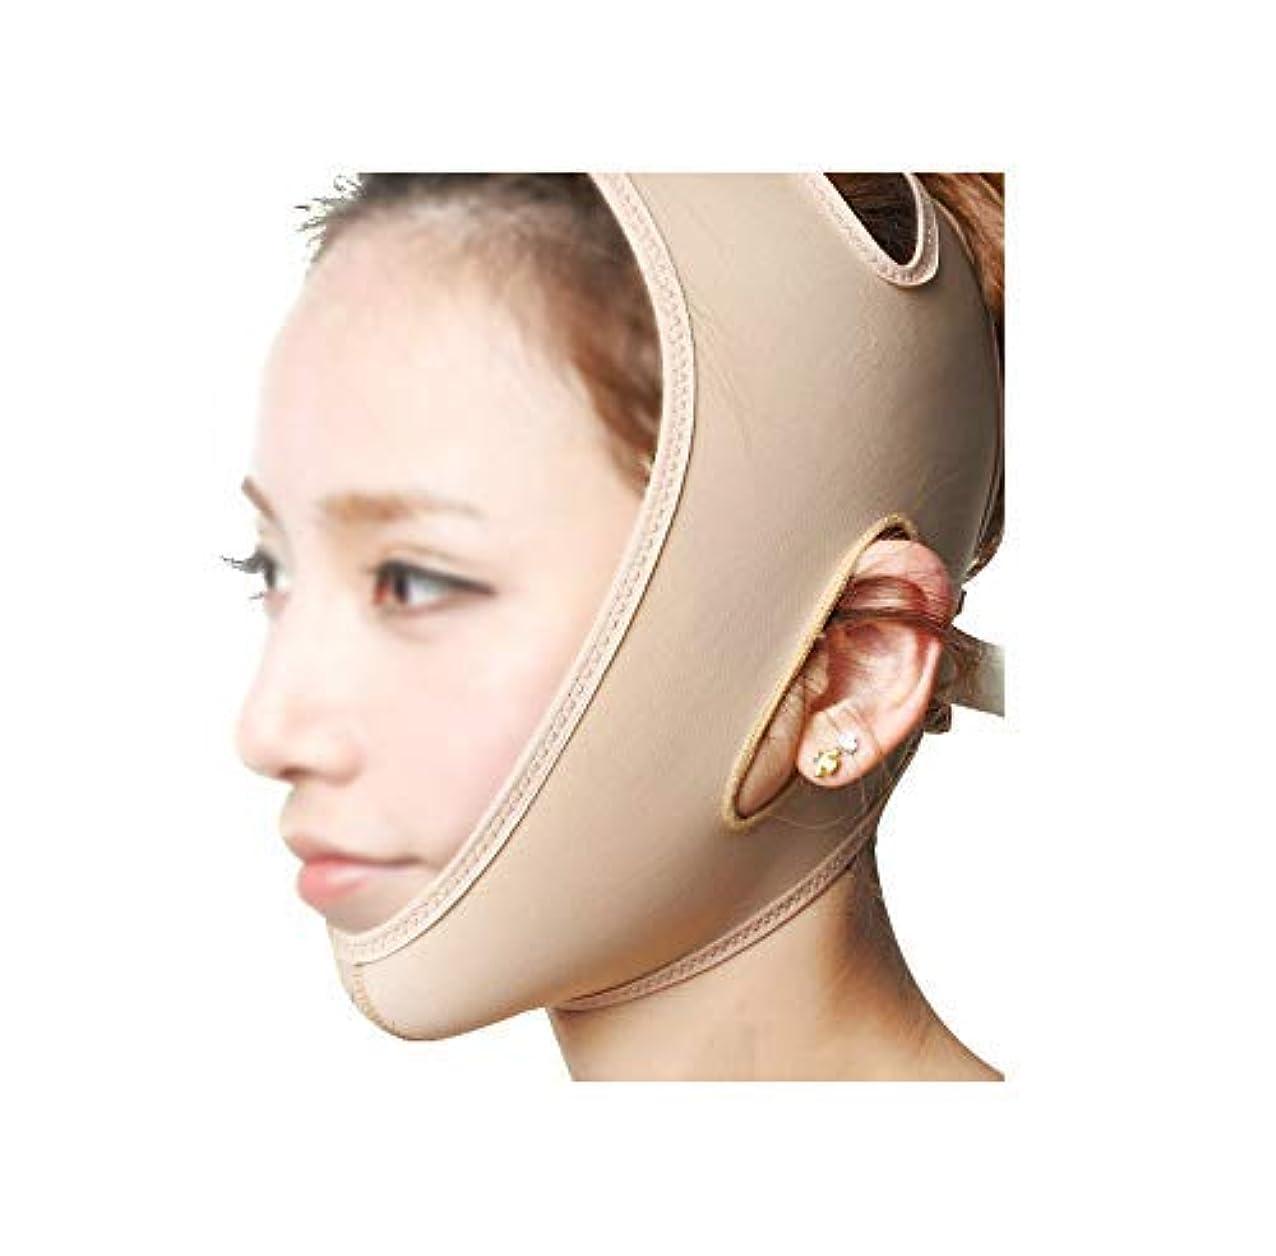 絡まる同封するカニフェイスリフティングバンデージ、フェイスマスク3Dパネルデザイン、通気性に優れたライクラ素材の物理的なVフェイス、美しい顔の輪郭の作成(サイズ:S),M